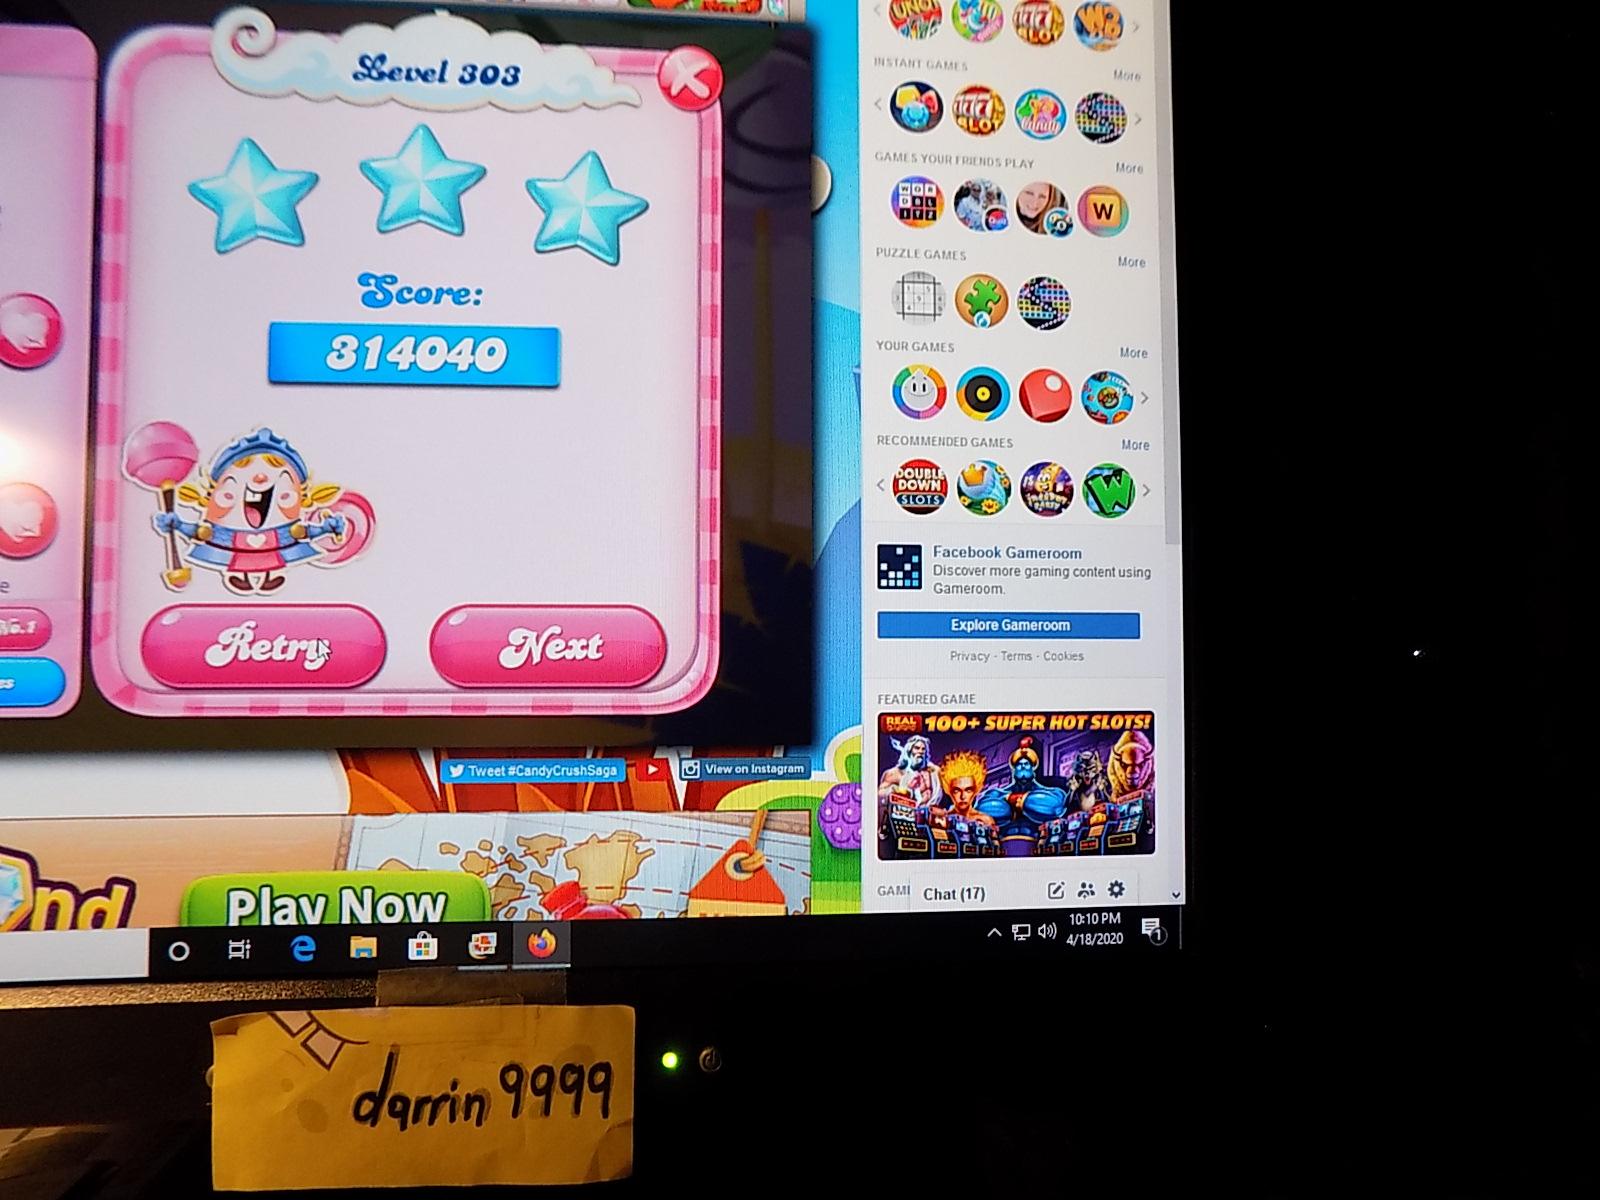 darrin9999: Candy Crush Saga: Level 303 (Web) 314,040 points on 2020-06-23 15:05:08